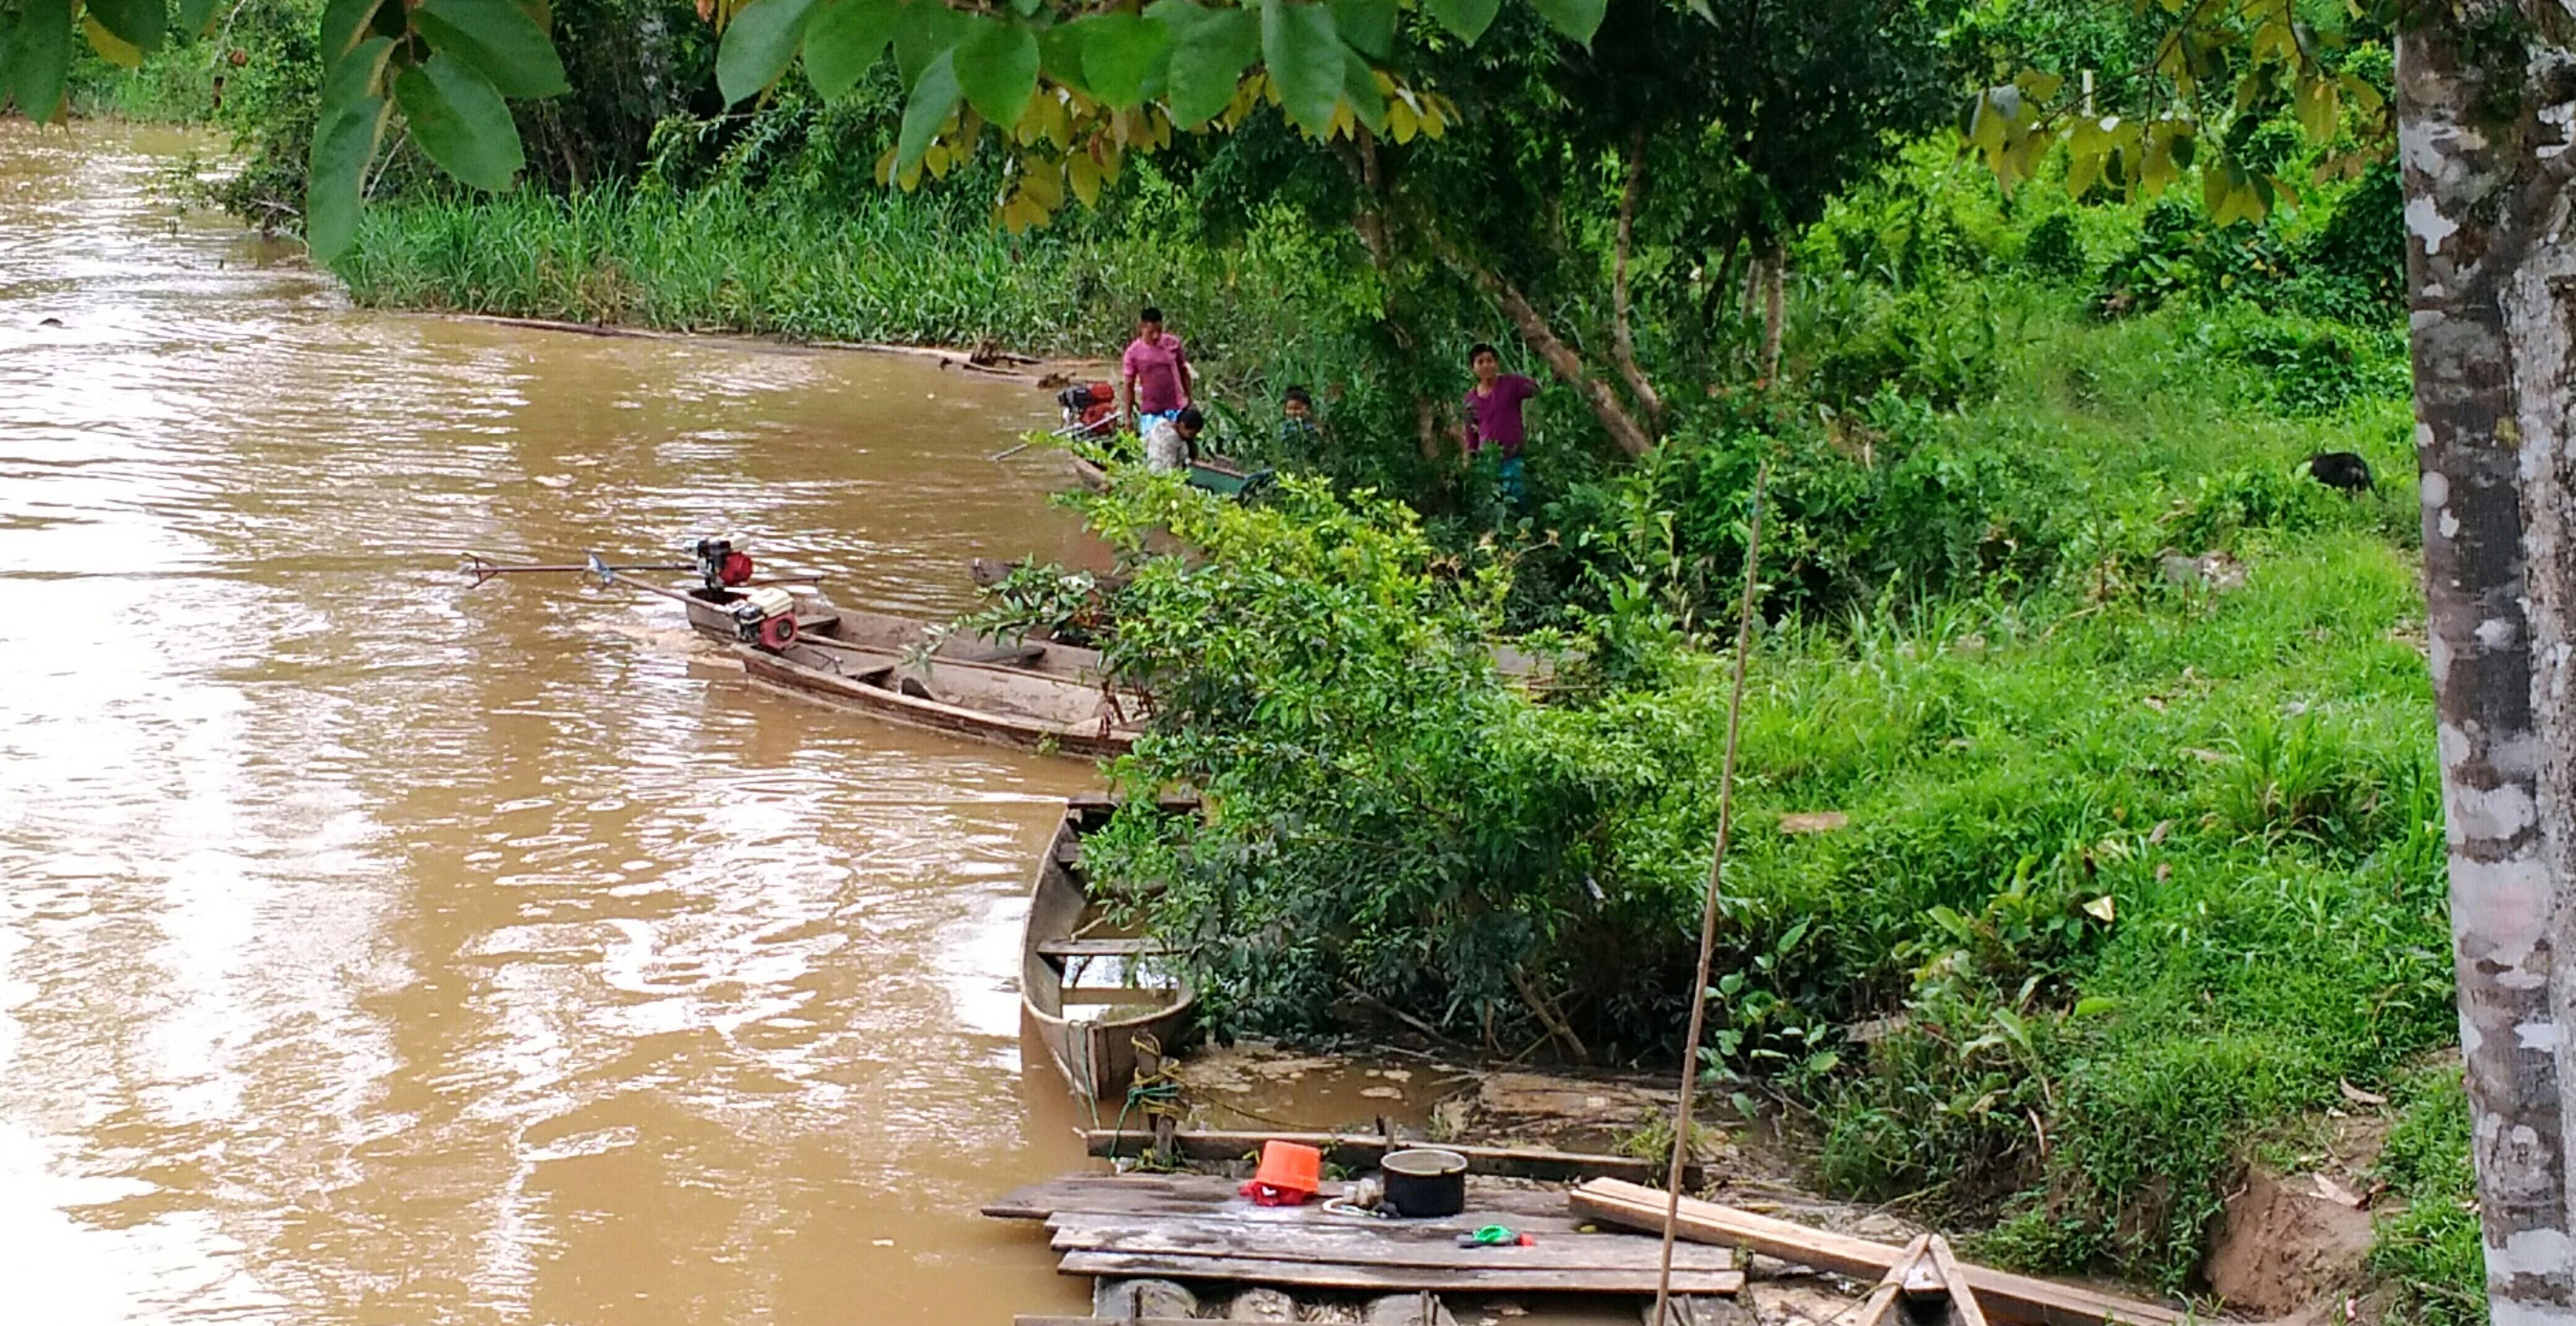 Puerto en madera, allí llegan los peque peque de los habitantes de Puerto Puntales. Foto: Mauricio Orjuela.